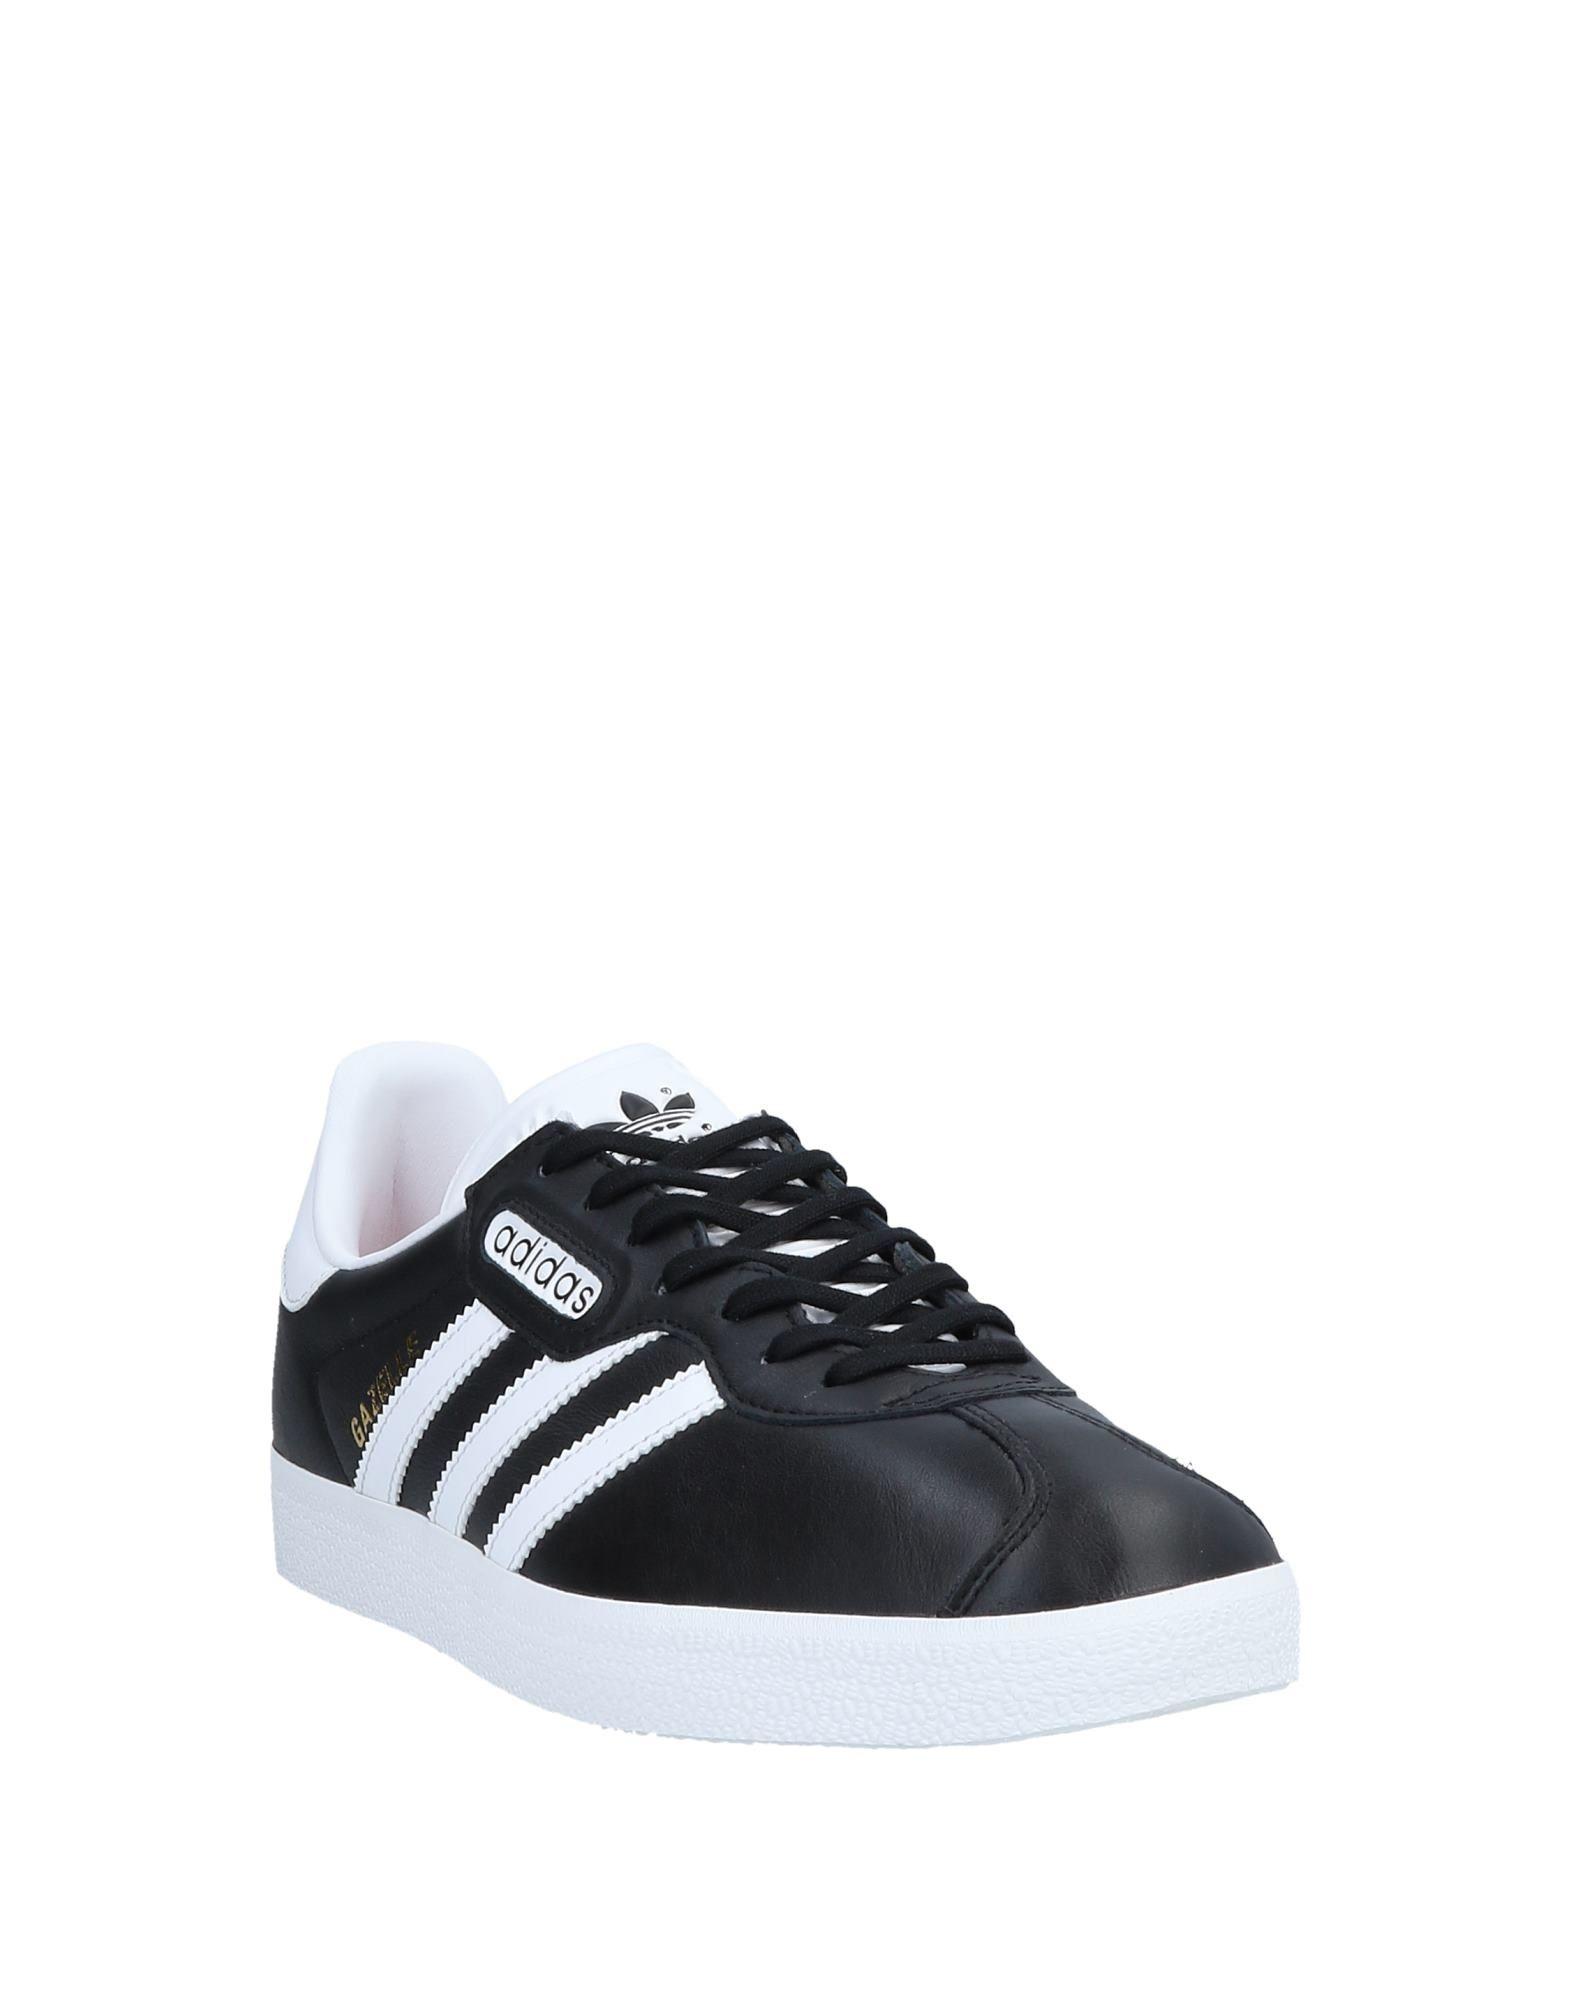 Adidas Adidas Adidas Originals Sneakers Herren Gutes Preis-Leistungs-Verhältnis, es lohnt sich 759509